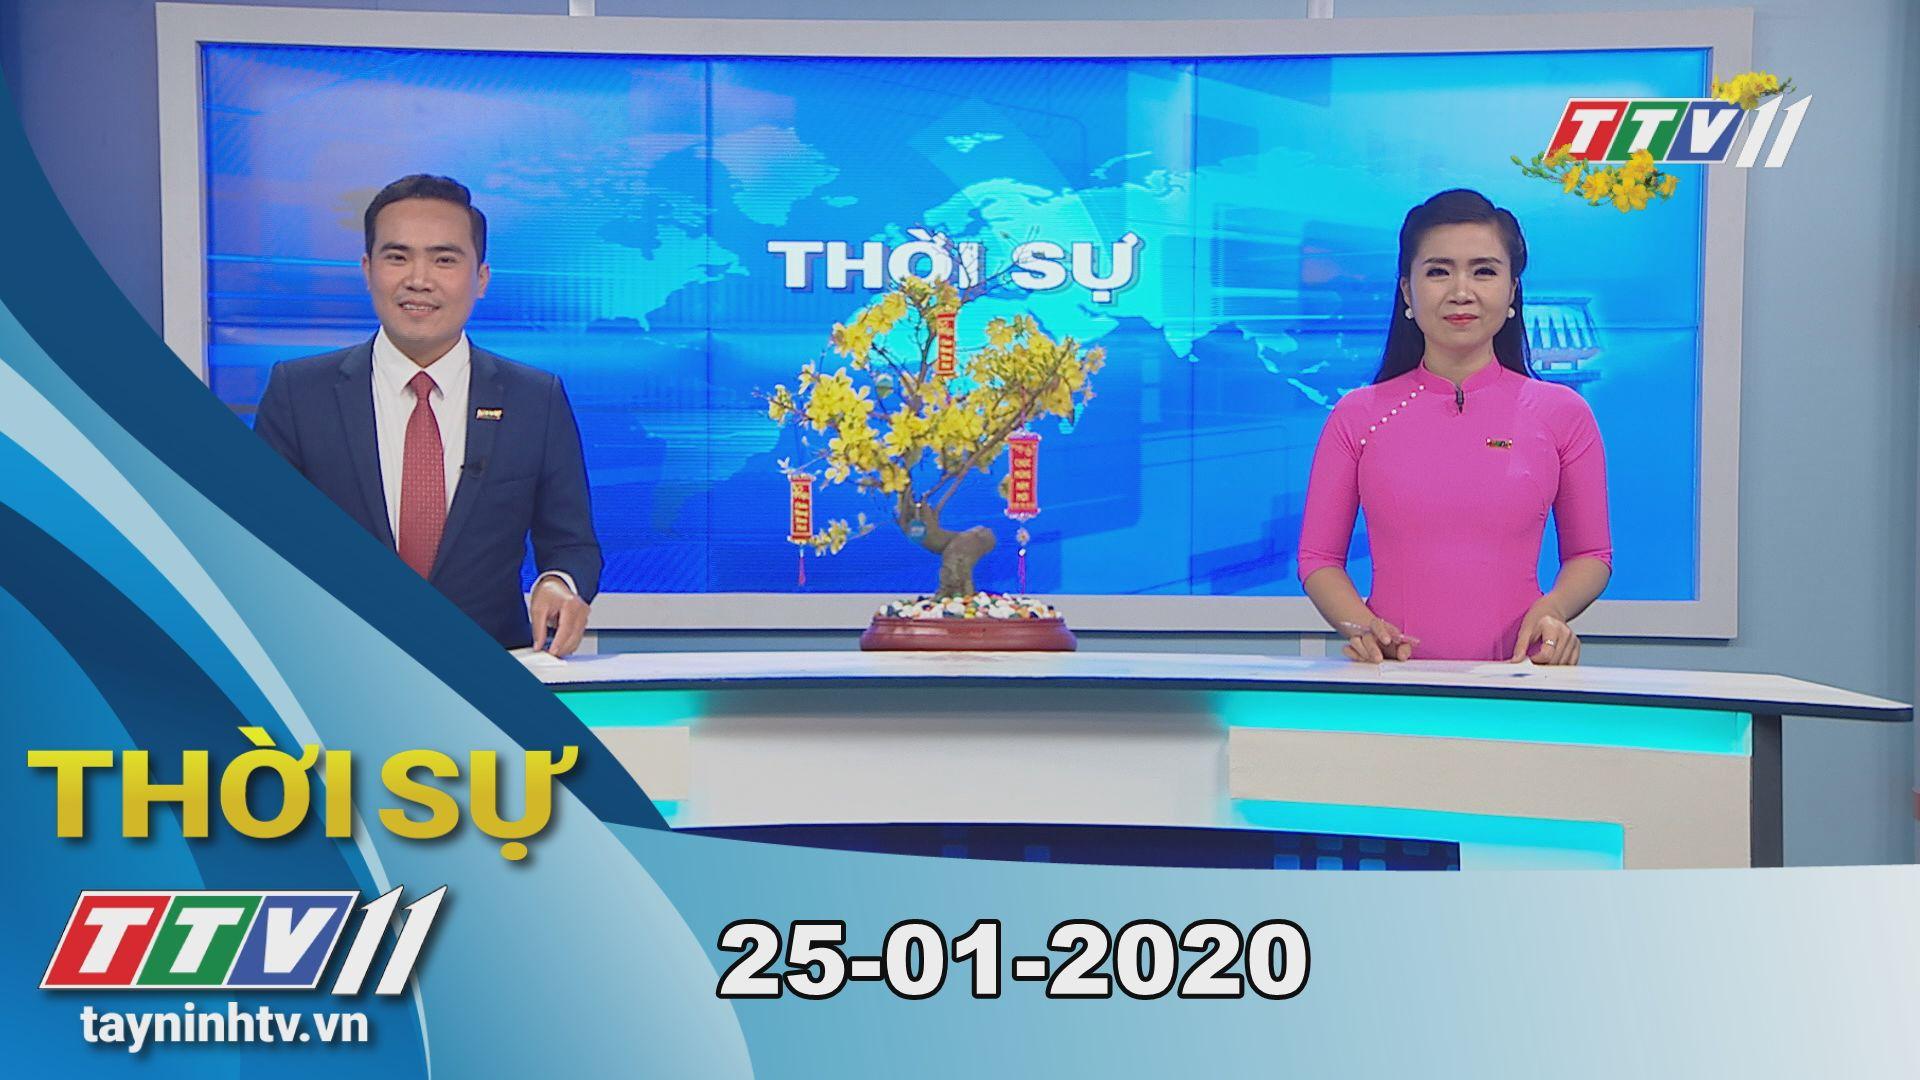 Thời sự Tây Ninh 25-01-2020 | Tin tức hôm nay | TayNinhTV